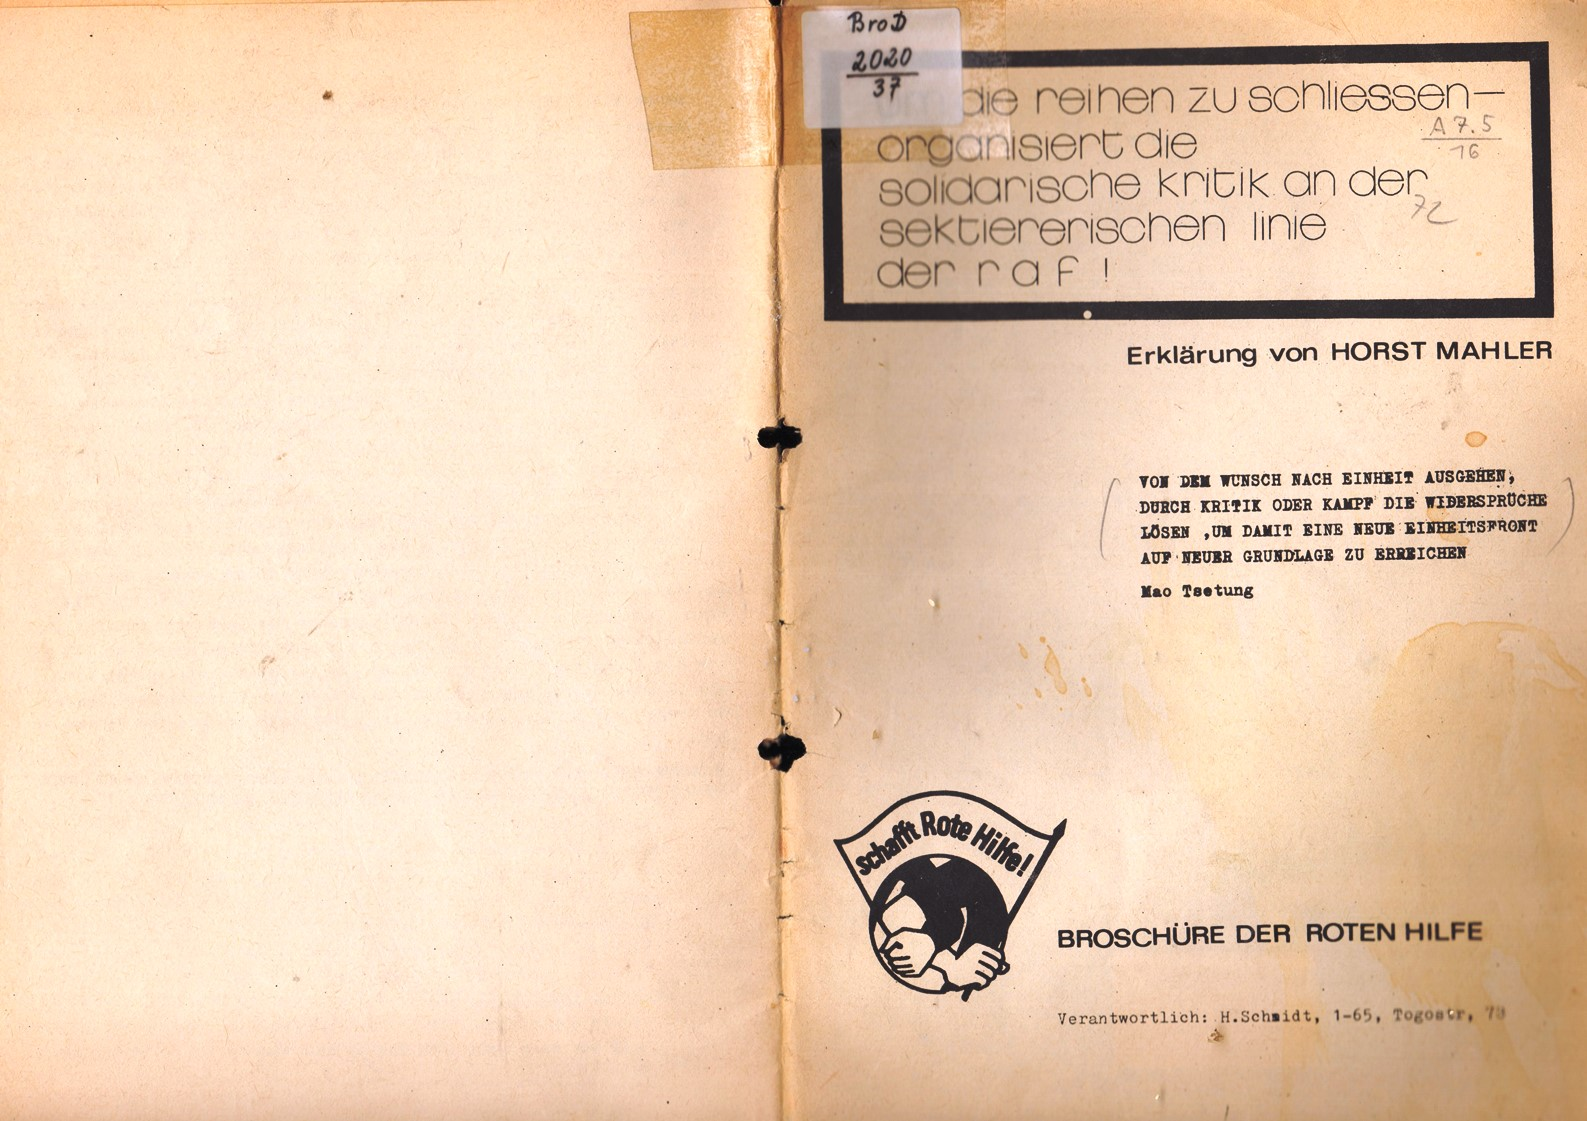 Berlin_RH_1974_zu_Horst_Mahler_01